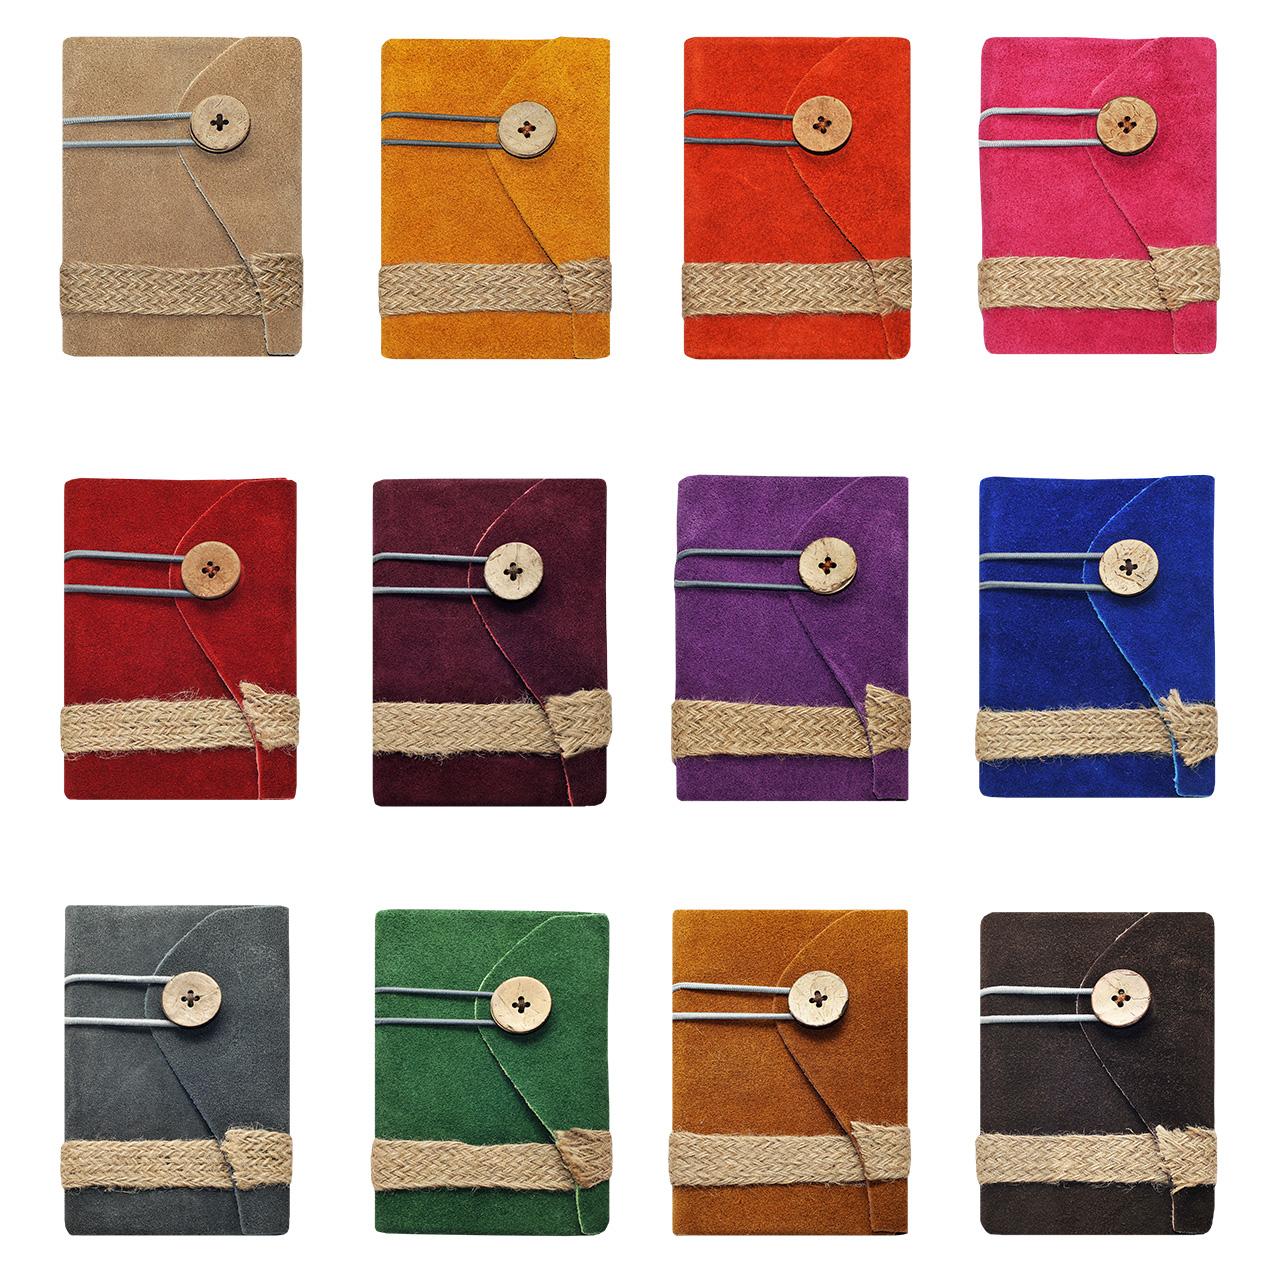 دفترچه یادداشت ژوست مدل کنفی بسته دوازده عددی